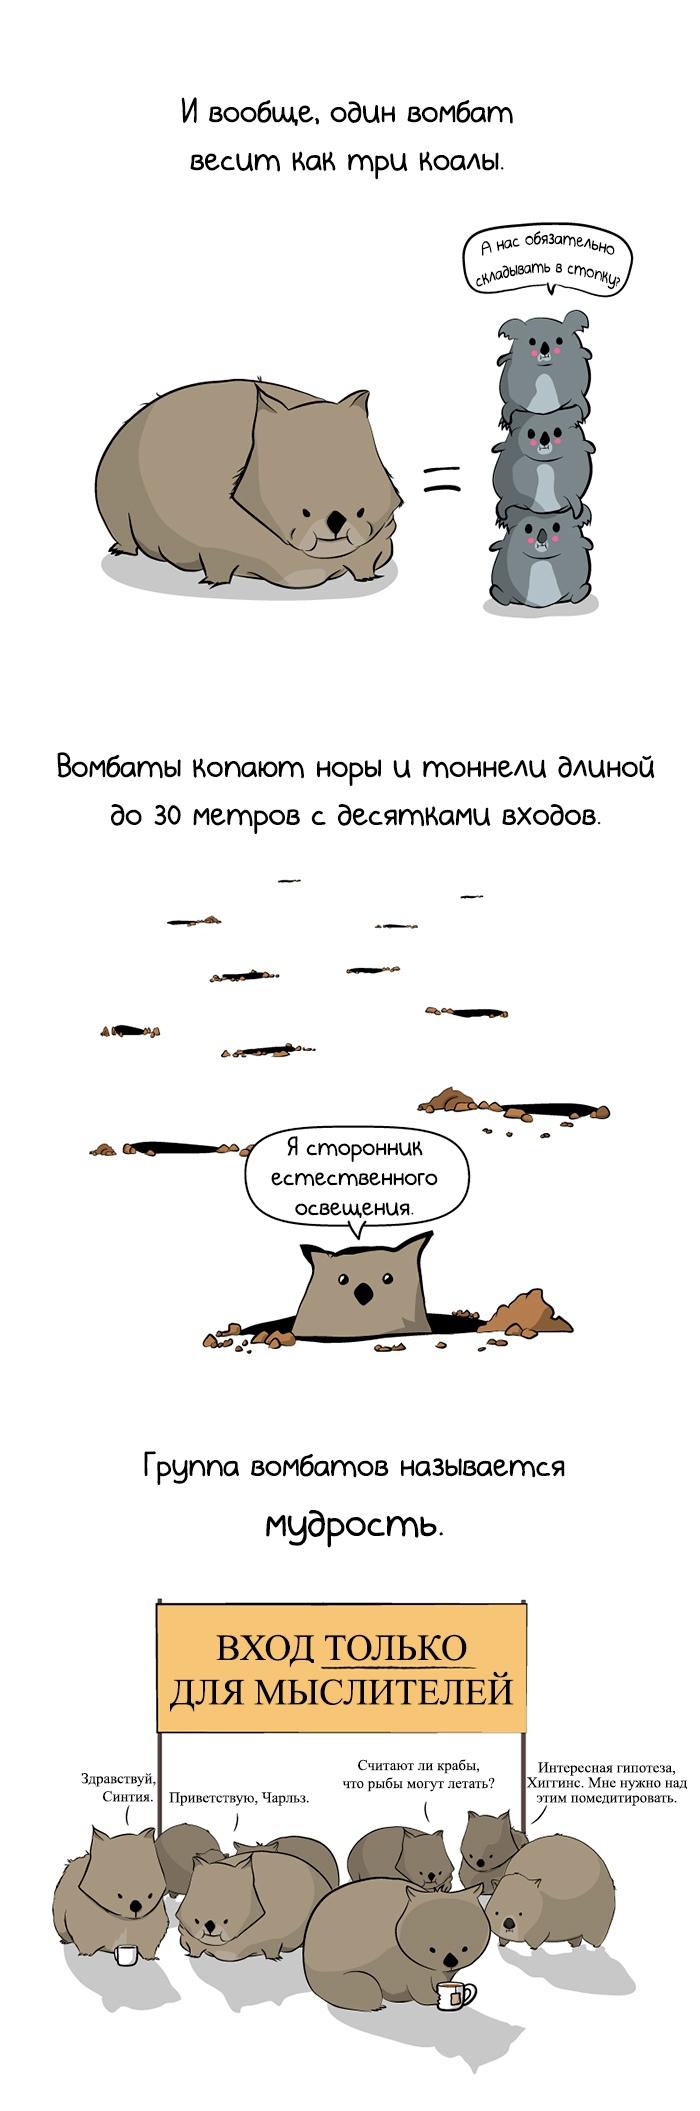 Вомбаты